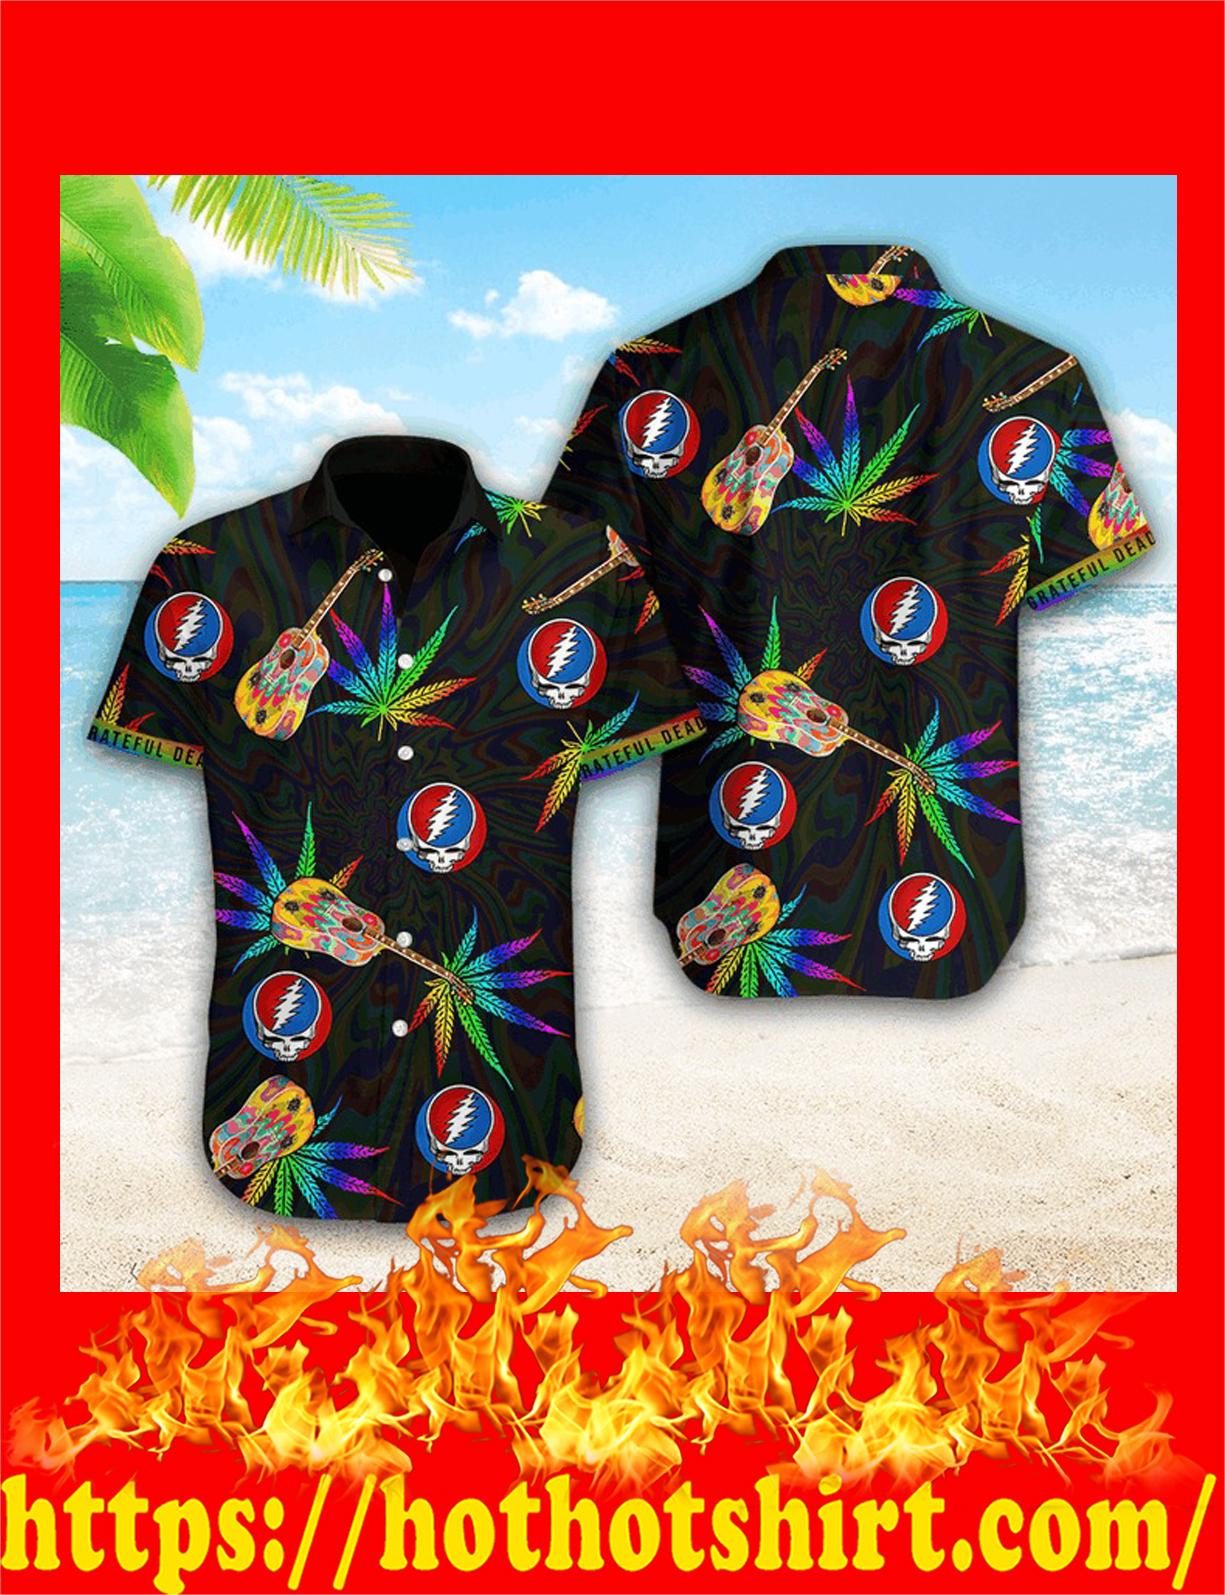 Grateful dead weed hawaiian shirt - detail